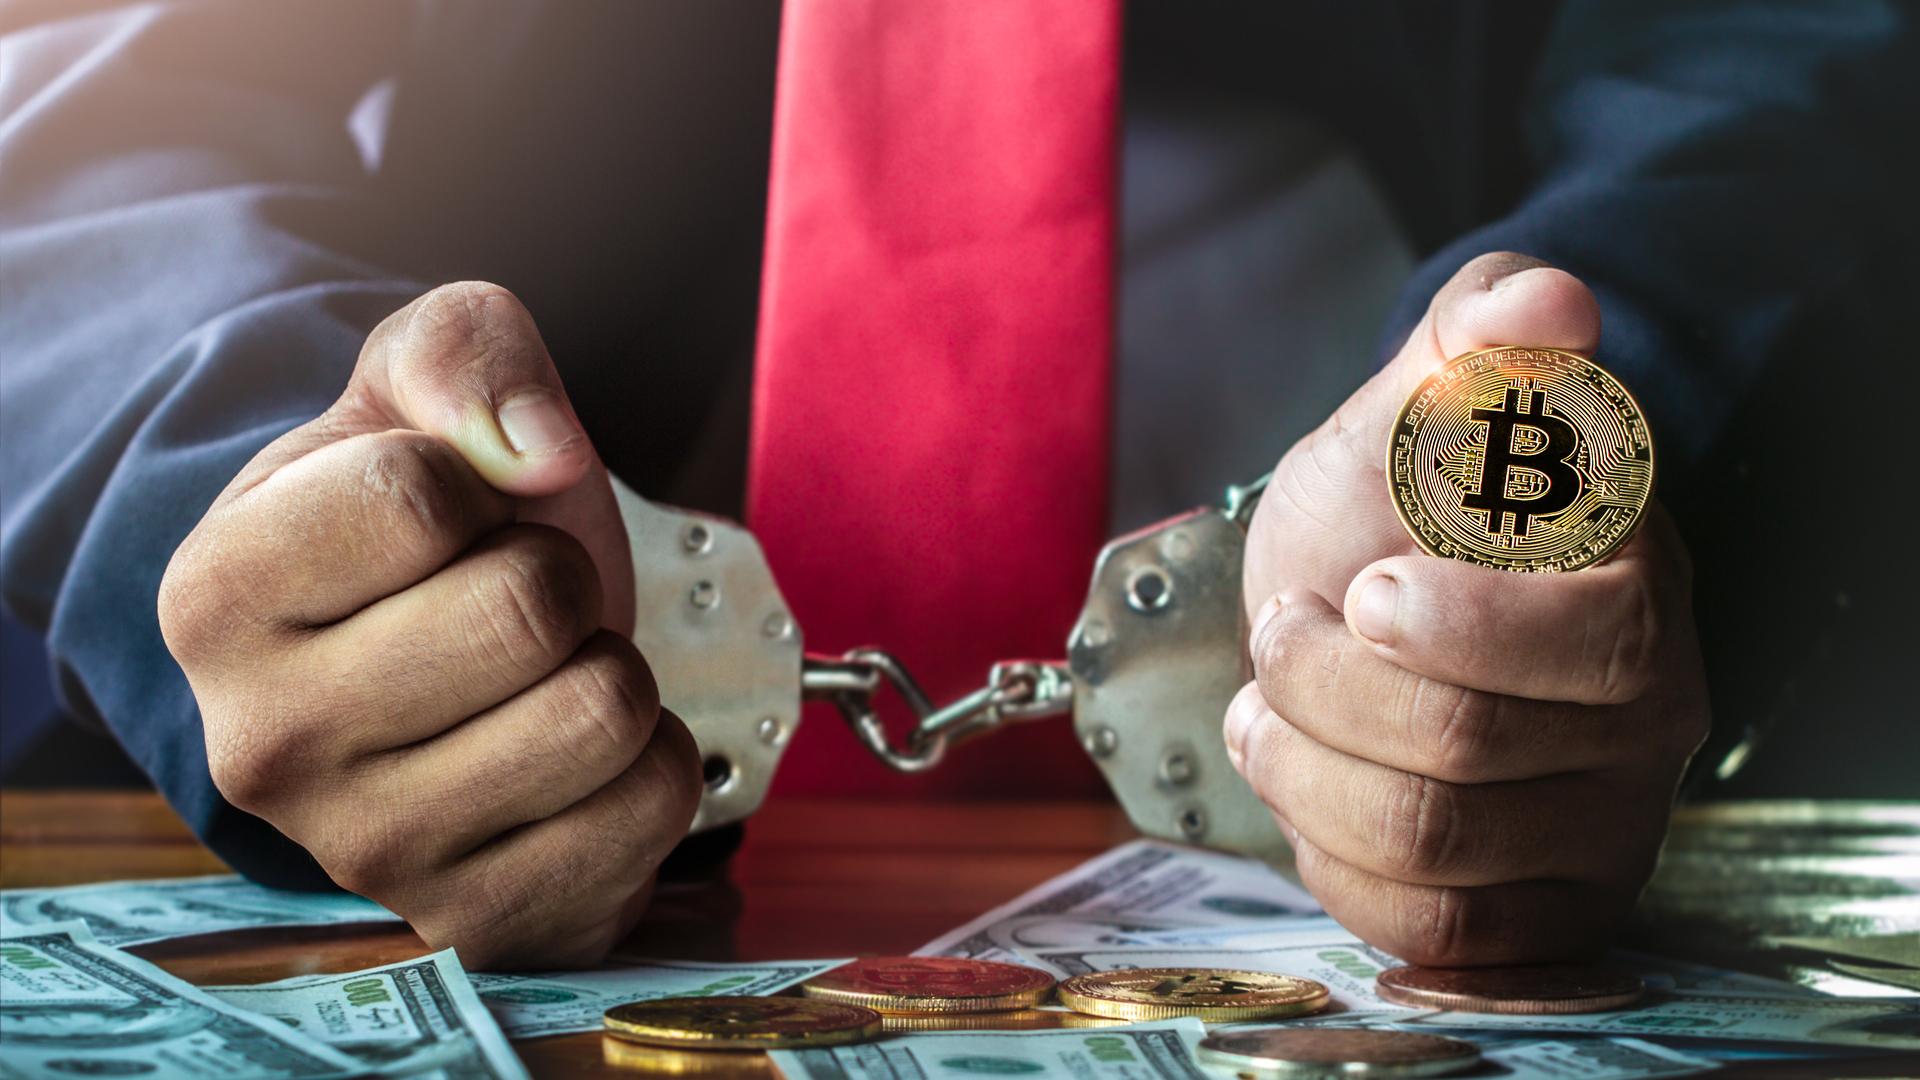 Polícia desarticula quadrilha que iria sequestrar investidor de criptomoedas em Campinas